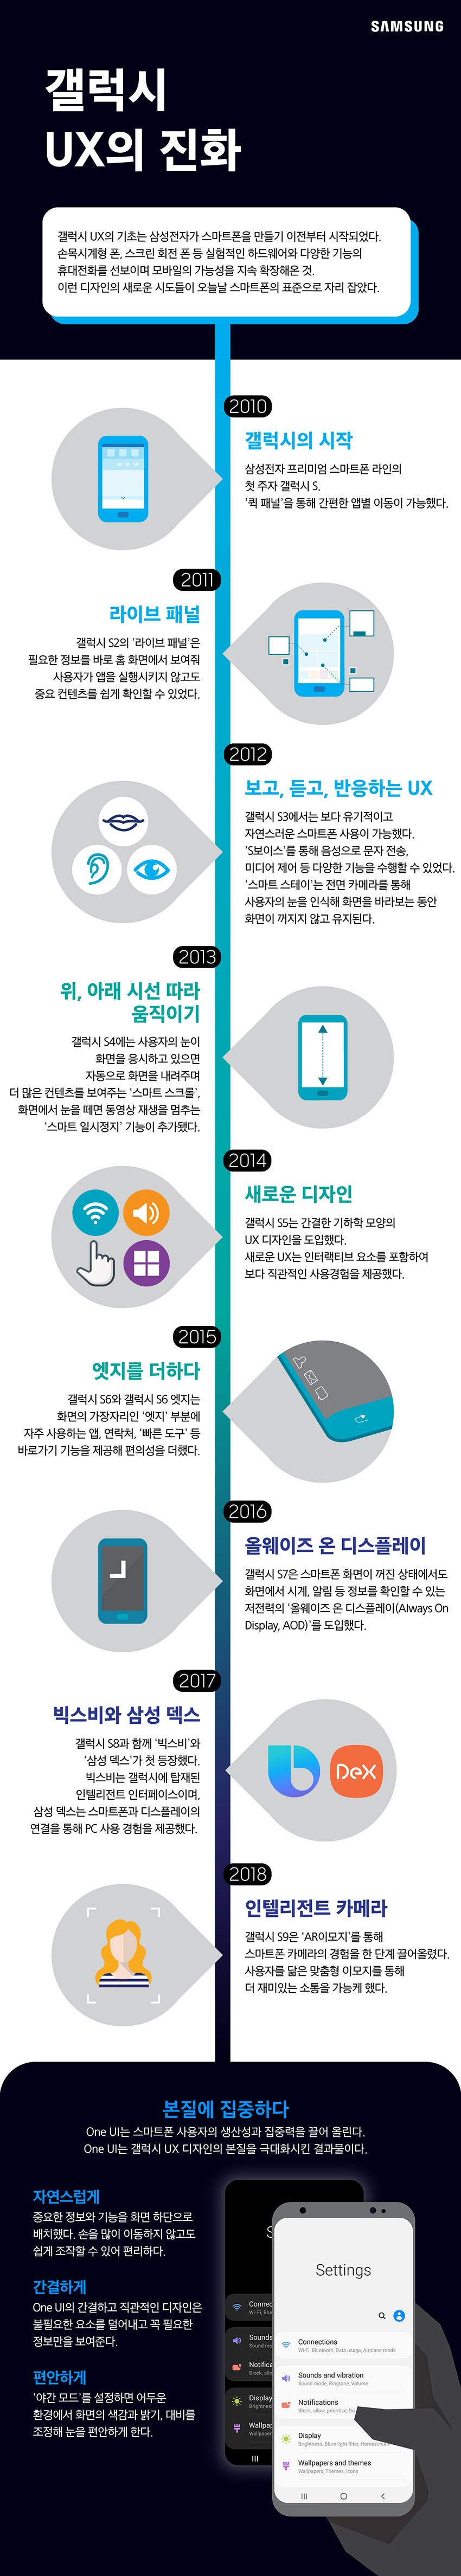 갤럭시 UX의 진화 / 갤럭시 UX의 기초는 삼성전자가 스마트폰을 만들기 이전부터 시작되었다. 손목시계형 폰, 스크린 회전 폰 등 실험적인 하드웨어와 다양한 기능의 휴대전화를 선보이며 모바일의 가능성을 지속 확장해온 것. 이런 디자인의 새로운 시도들이 오늘날 스마트폰의 표준으로 자리 잡았다. / 2010 갤럭시의 시작 / 삼성전자 프리미엄 스마트폰 라인의 첫 주자 갤럭시 S. 퀵패널을 통해 간편한 앱별 이동이 가능했다. / 2011 라이브 패널 / 갤럭시 S2의 라이브 패널은 필요한 정보를 바로 홈 화면에서 보여줘 사용자가 앱을 실행시키지 않고도 중요 컨텐츠를 쉽게 확인할 수 있었다. / 2012 보고, 듣고, 반응하는 UX / 갤럭시 S3에서는 보다 유기적이고 자연스러운 스마트폰 사용이 가능했다. S보이스를 통해 음성으로 문자 전송, 미디어 제어 등 다양한 기능을 수행할 수 있었다. 스마트 스테이는 전면 카메라를 통해 사용자의 눈을 인식해 화면을 바라보는 동안 화면이 꺼지지 않고 유지된다. / 2013 위, 아래 시선 따라 움직이기 / 갤럭시 S4에는 사용자의 눈이 화면을 응시하고 있으면 자동으로 화면을 내려주며 더 많은 컨텐츠를 보여주는 스마트 스크롤, 화면에서 눈을 떼면 동영상 재생을 멈추는 스마트 일지정지 기능이 추가됐다. / 2014 새로운 디자인 갤럭시 S5는 간결한 기하학 모양의 UX 디자인을 도입했다. 새로운 UX는 인터랙티브 요소를 포함하여 보다 직관적인 사용경험을 제공했다. / 2015 엣지를 더하다 갤럭시S6와 갤럭시 S6 엣지는 화면의 가장자리인 엣지 부분에 자주 사용하는 앱, 연락처 빠른 도구 등 바로가기 기능을 제공해 편의성을 더했다. 2016 올웨이즈 온 디스플레이 갤럭시 S7은 스마트폰 화면이 꺼진 상태에서도 화면에서 시계, 알림 등 정보를 확인할 수 있는 저전력의 올웨이즈 온 디즈플레이를 도입했다.  2017 빅스비와 삼성 덱스 갤럭시 S8과 함께 빅스비와 삼성덱스가 첫 등장했다. 빅스비는 갤럭시에 탑재된 인텔리전트 인터페이스이며, 삼성 덱스는 스마트폰과 디스플레이의 연결을 통해 PC 사용 경험을 제공했다. 2018 인텔리전트 카메라 갤럭시 S9은 AR이모지를 통해 스마트폰 카메라의 경험을 한 단계 끌어올렸다. 사용자를 닮은 맞춤형 이모지를 통해 더 재미있는 소통을 가능케 했다.